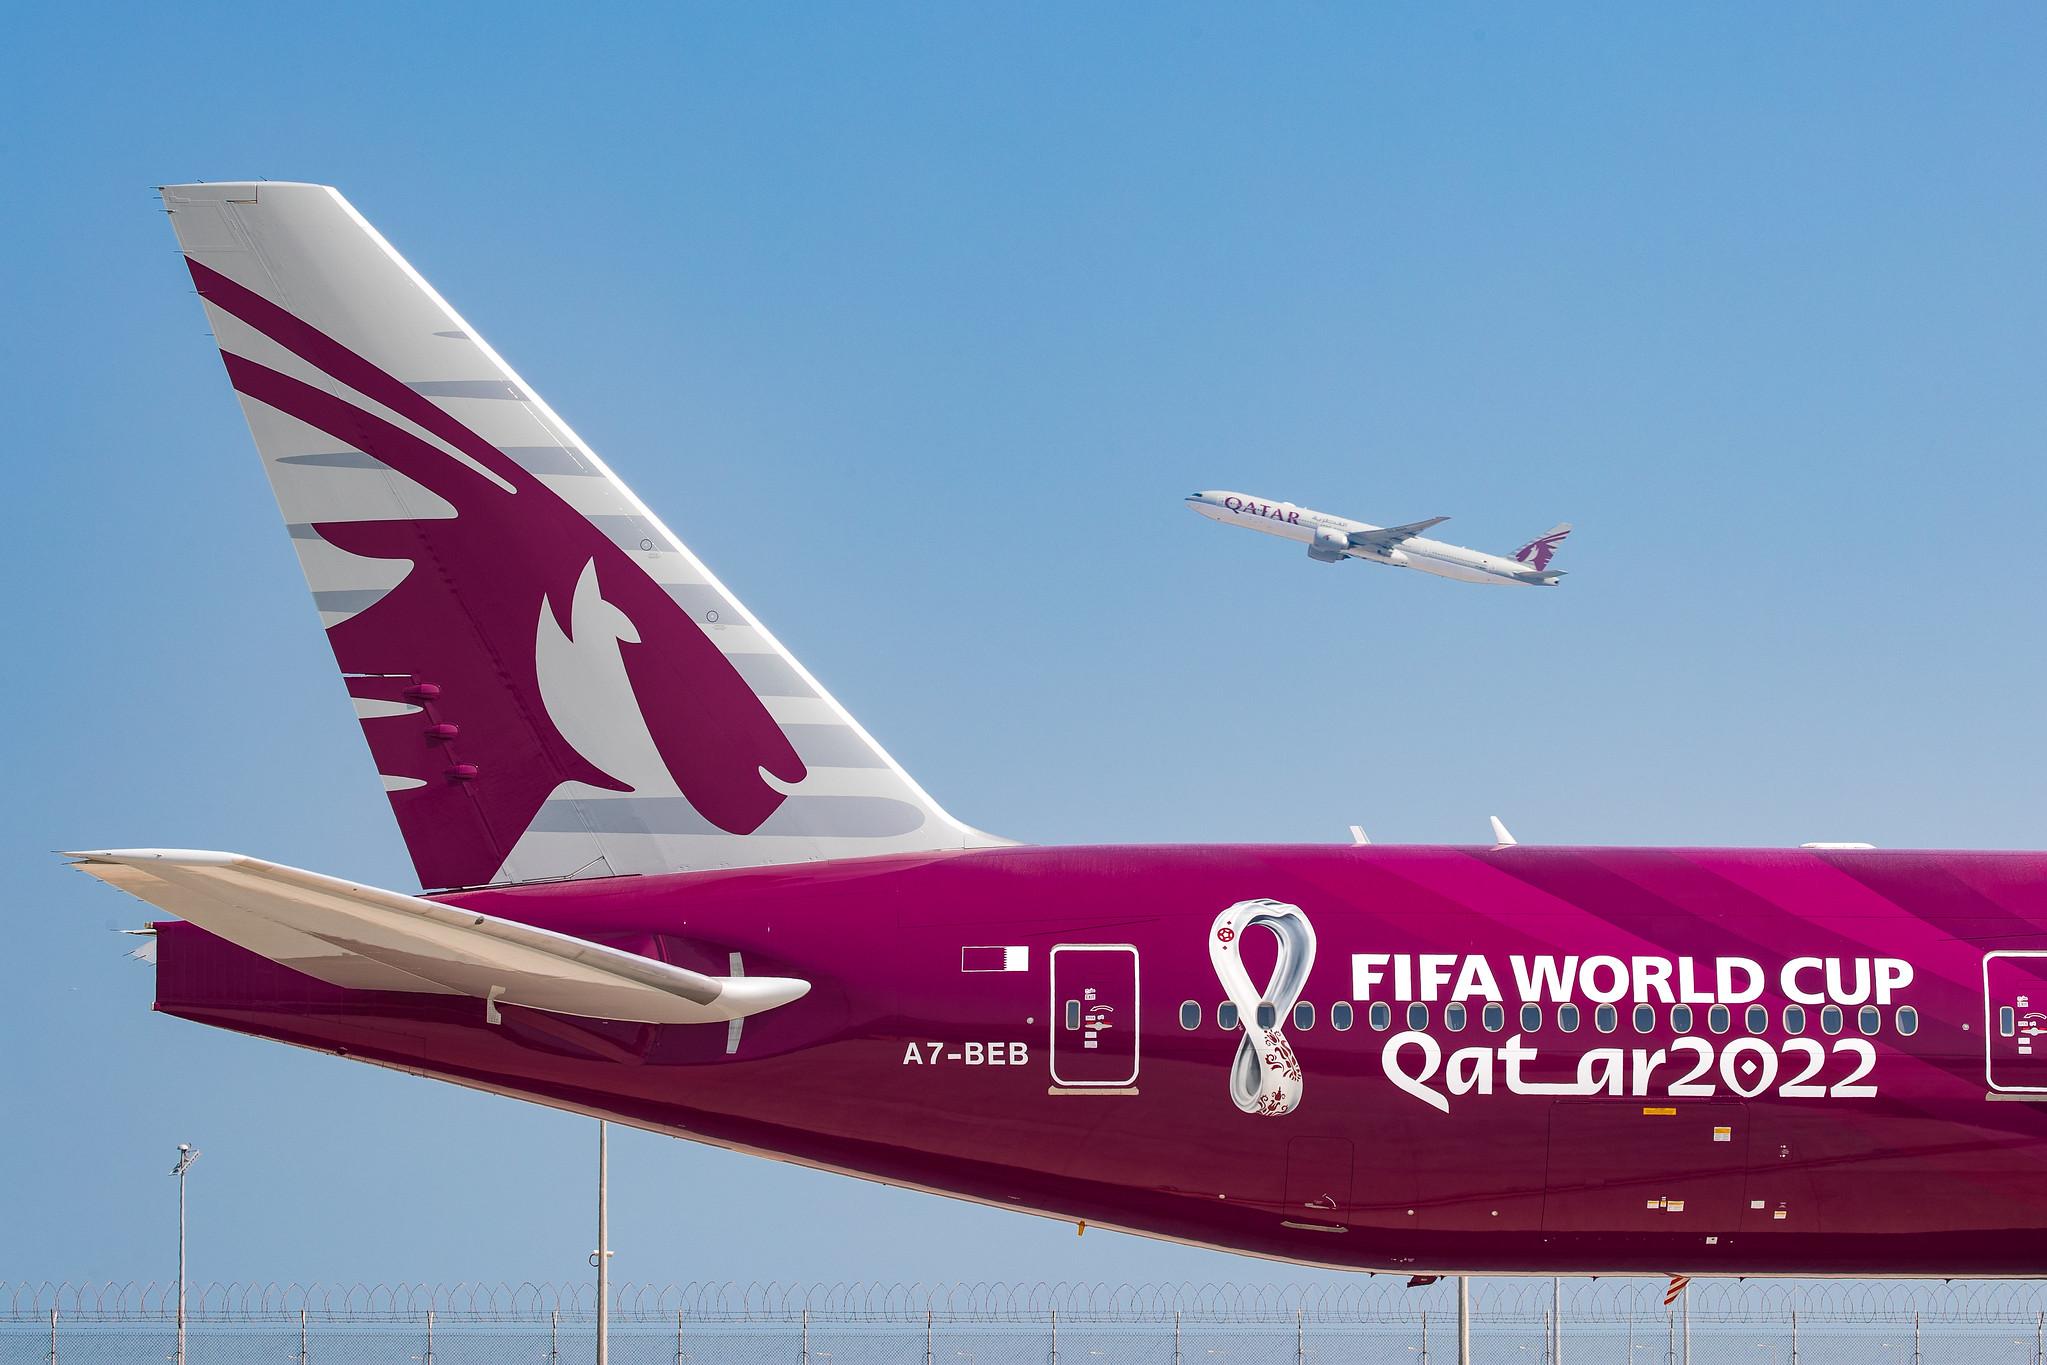 Qatar Airways Unveils First World Cup 2022 Aircraft